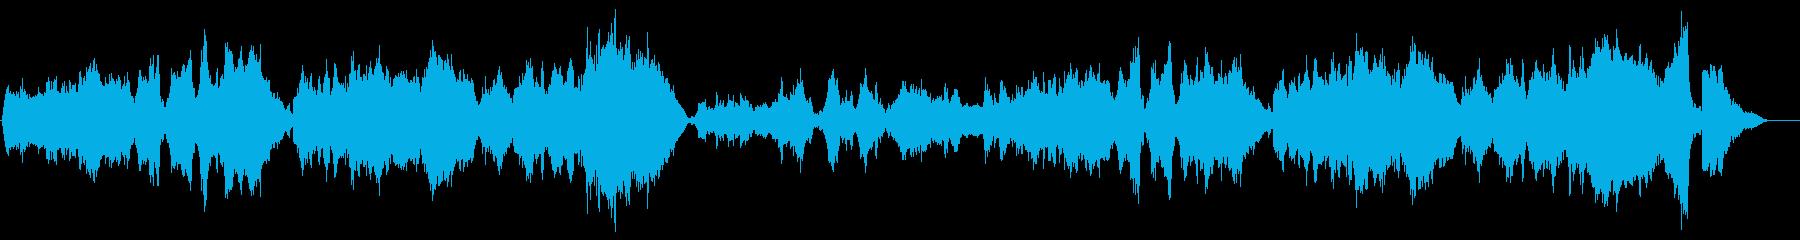 映画風ムーディーなオーケストラの再生済みの波形